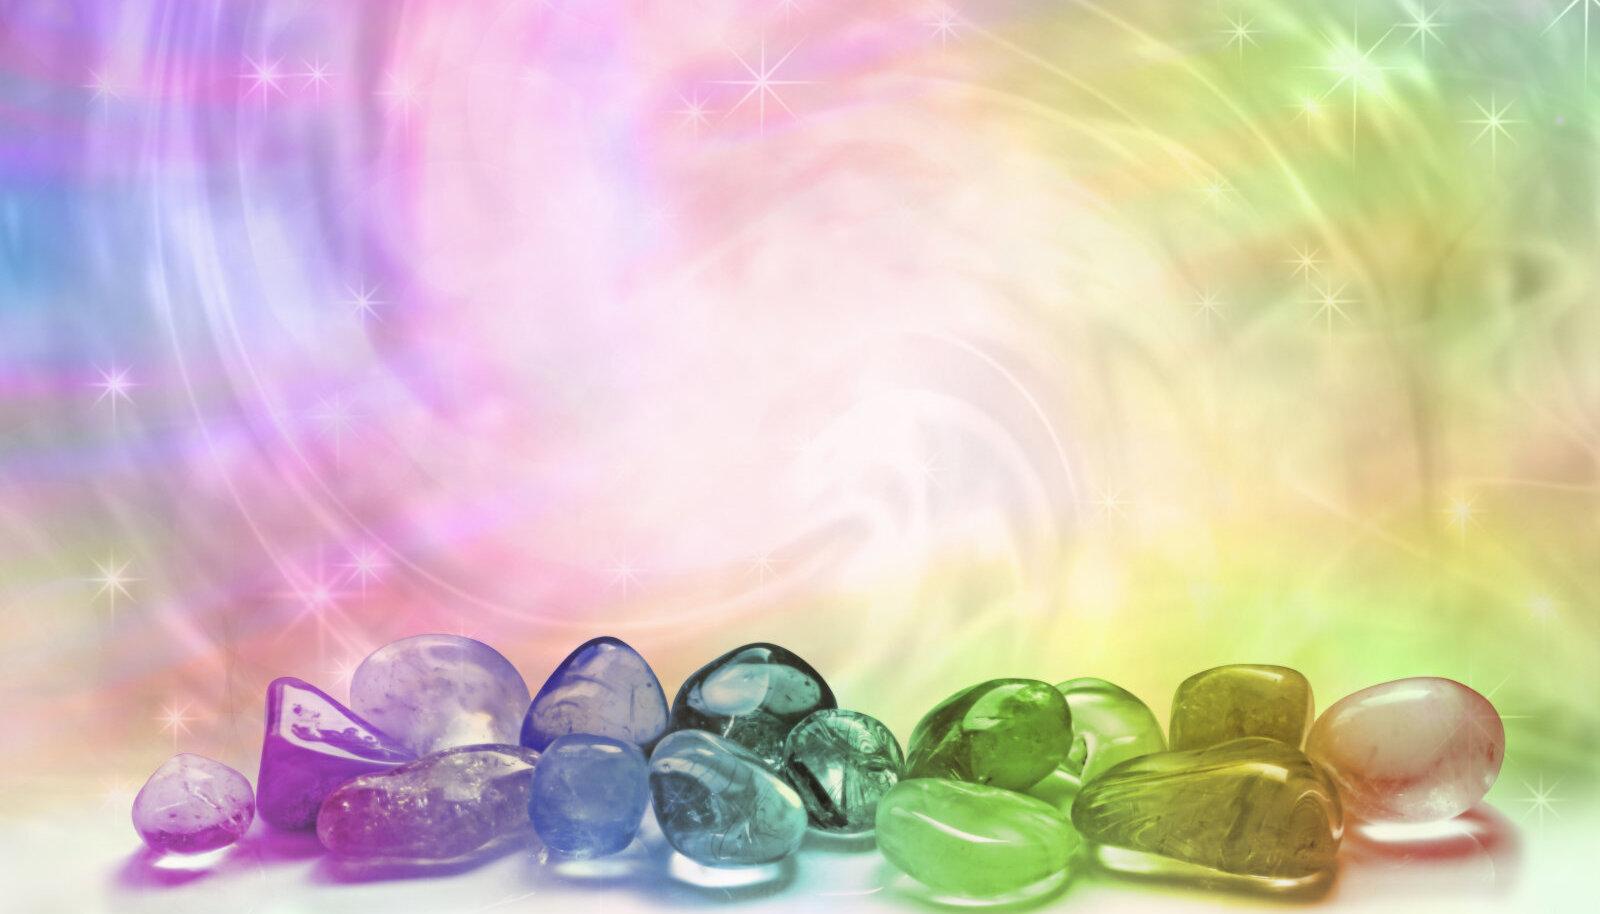 Kaitsekristallid aitavad meid kaitsta negatiivse energia ja elektromagnetväljade kiirguse eest